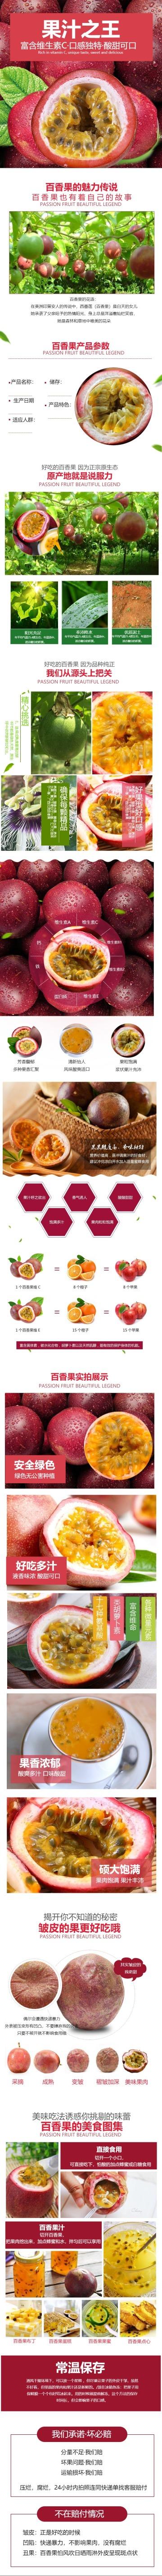 清新简约百货零售水果百香果促销电商详情页